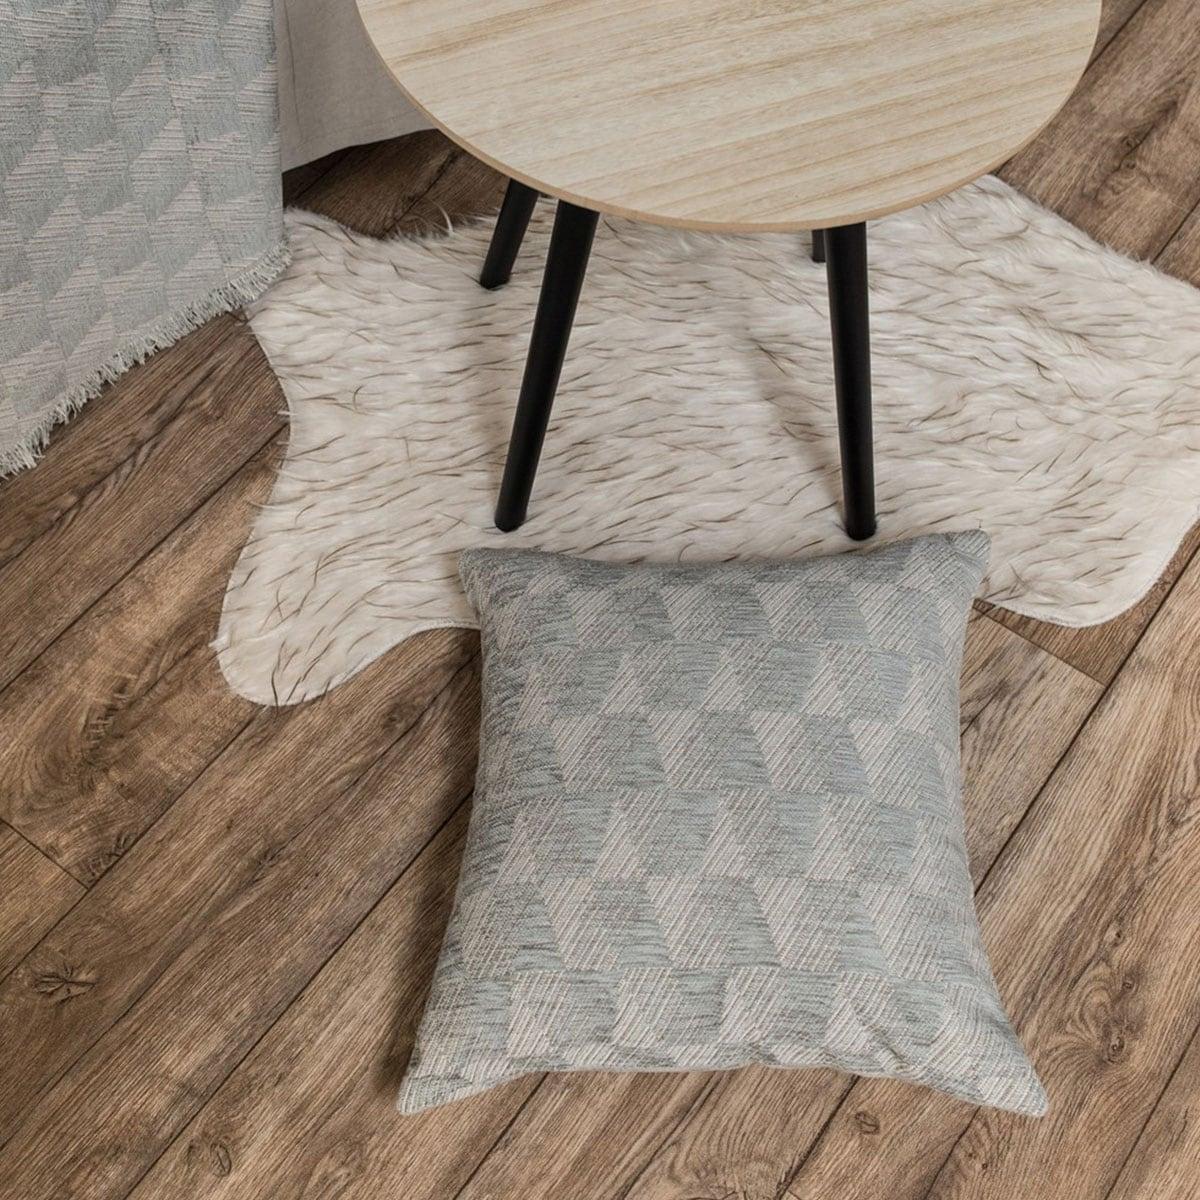 Μαξιλάρι Διακοσμητικό (Με Γέμιση) Memphis 11 Grey Teoran 45X45 Ακρυλικό-Polyester